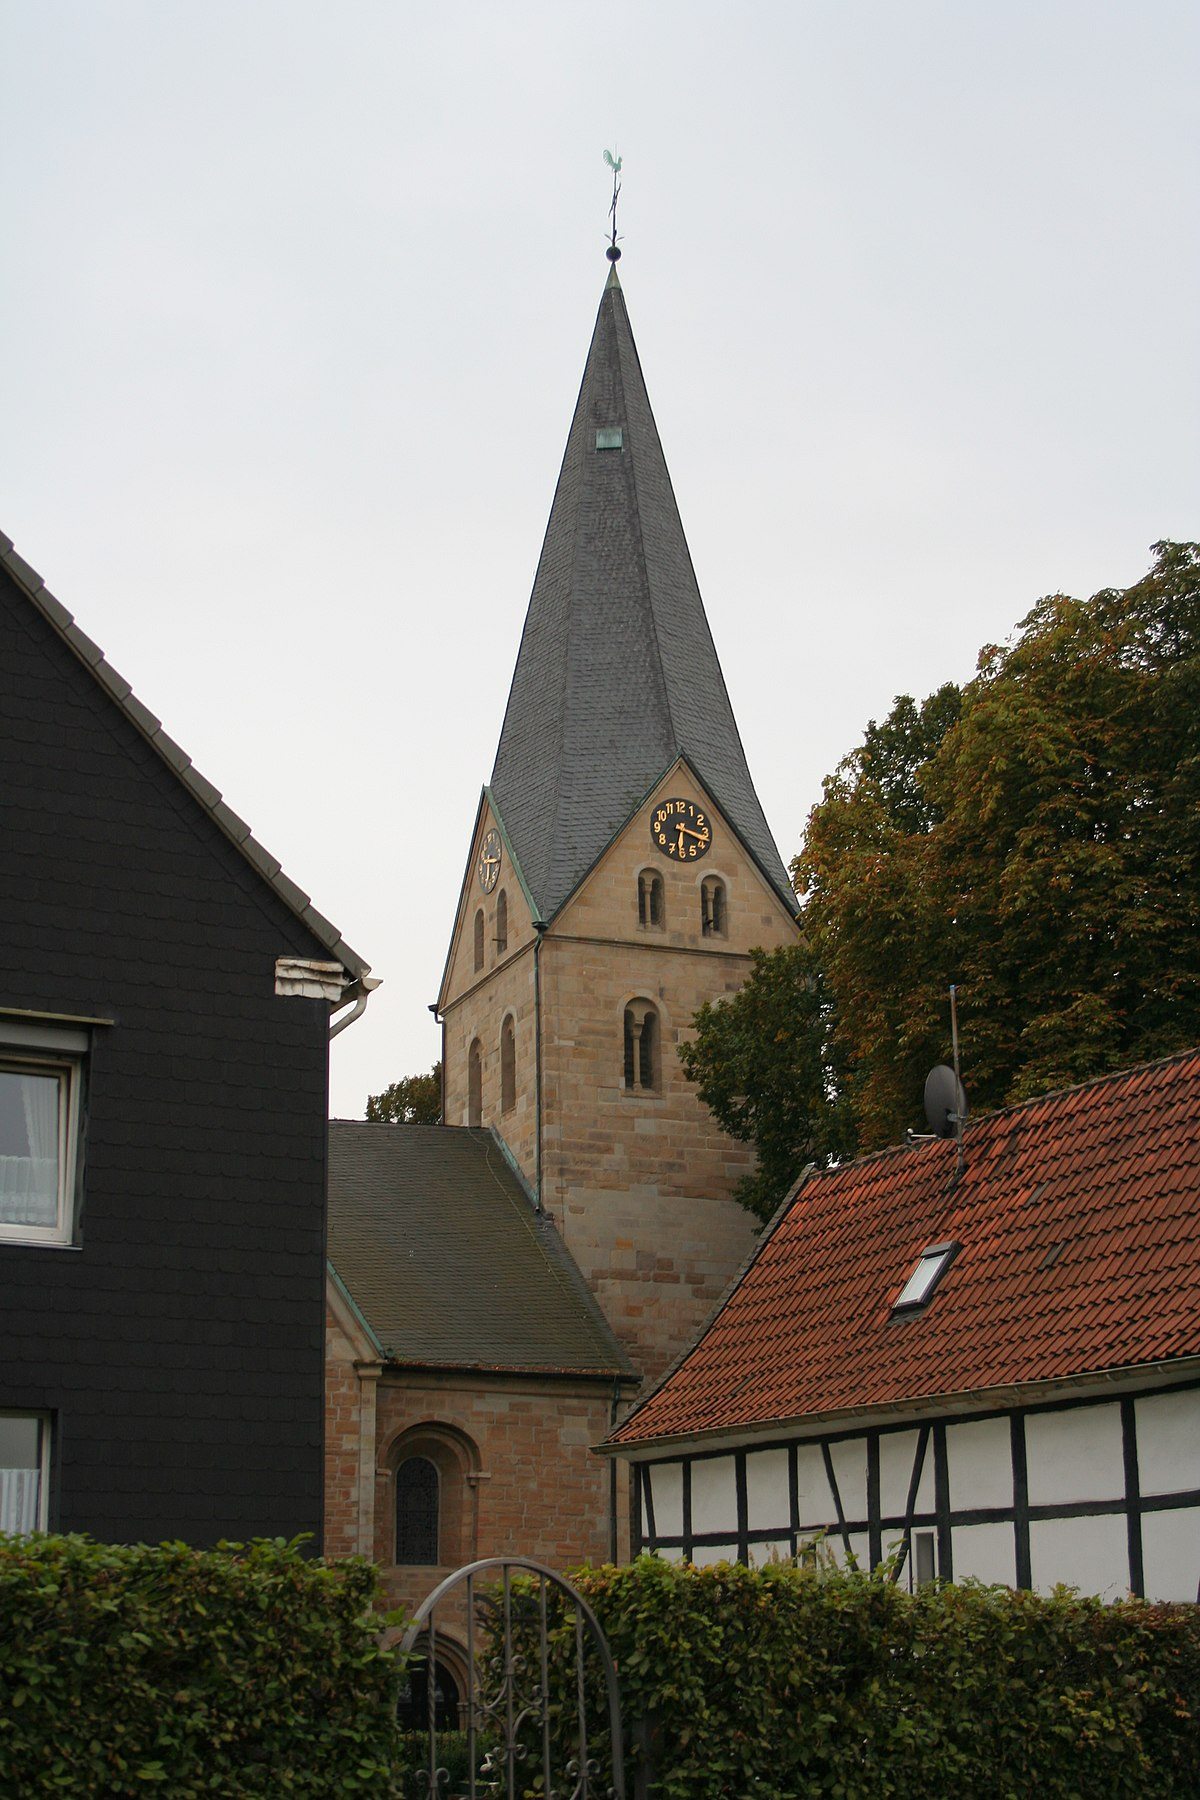 Evangelische St.-Remigius-Kirche (Dortmund) - Wikipedia